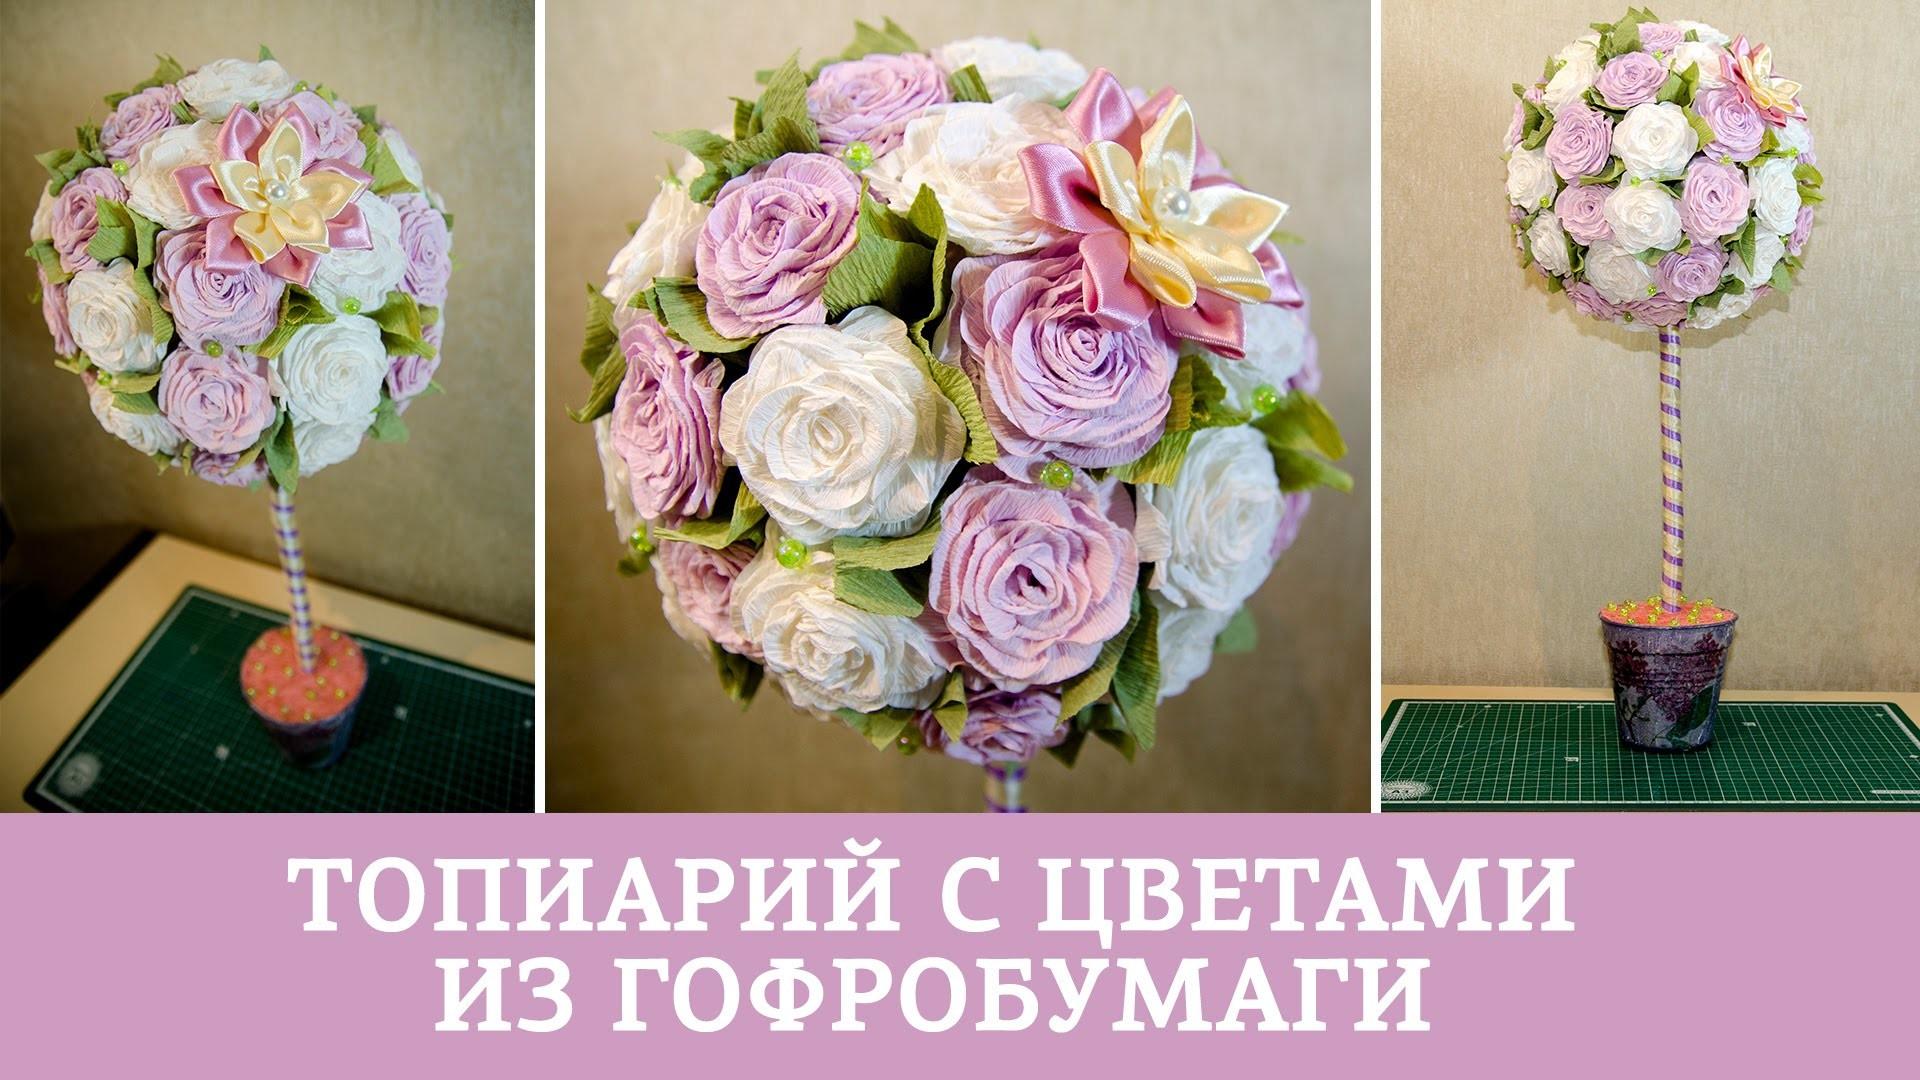 Топиарий из розы своими руками: из гофрированной бумаги, пошаговая инструкция, мастер класс